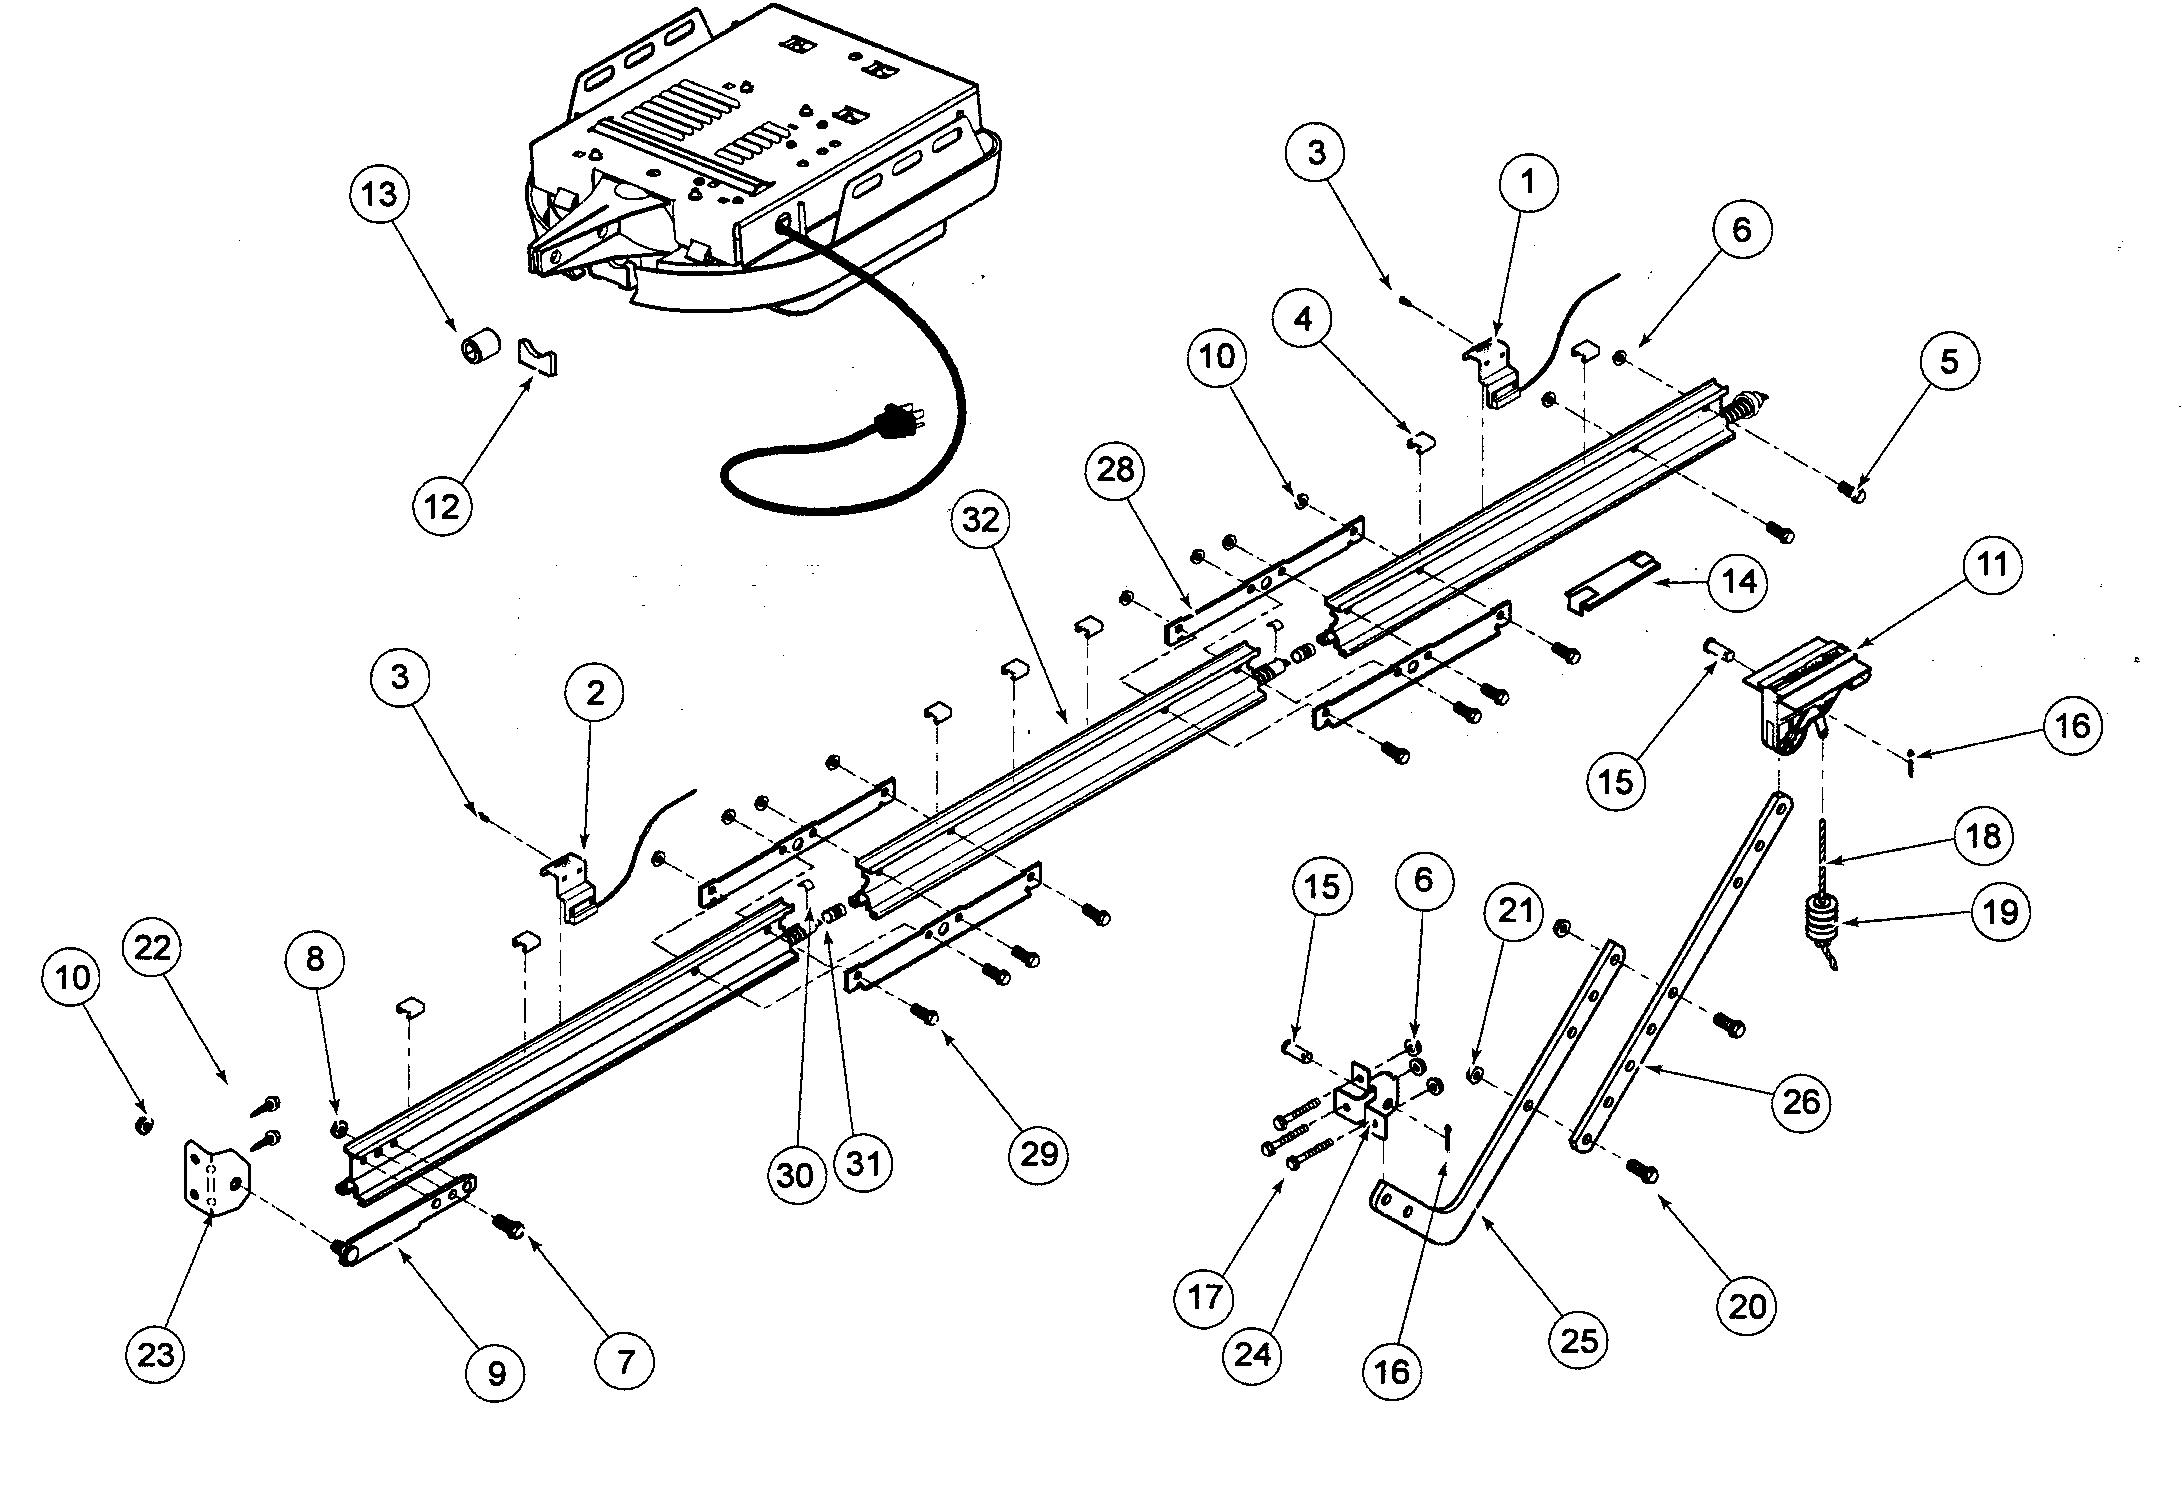 of garage door opener wiringdiagram genie garage genie garage door wiring diagram for you [ 2182 x 1503 Pixel ]